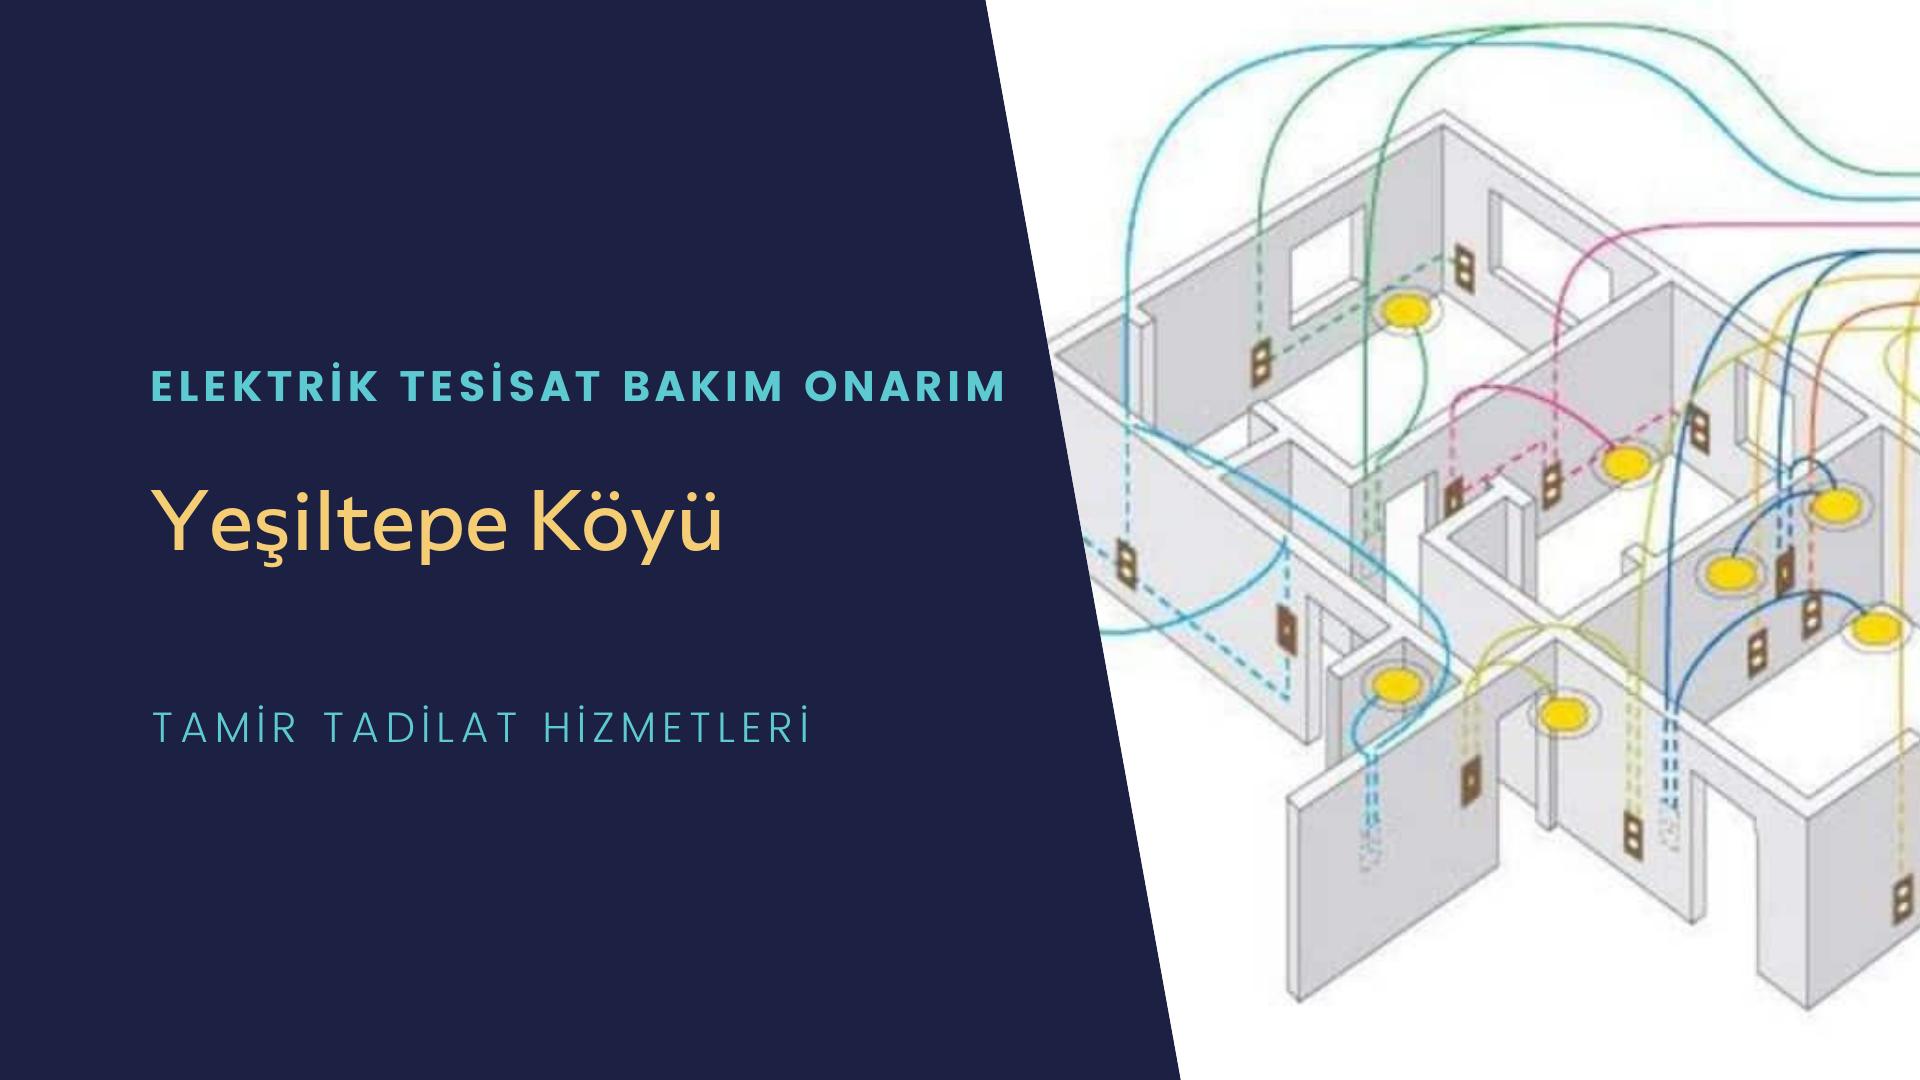 Yeşiltepe Köyü  elektrik tesisatıustalarımı arıyorsunuz doğru adrestenizi Yeşiltepe Köyü elektrik tesisatı ustalarımız 7/24 sizlere hizmet vermekten mutluluk duyar.